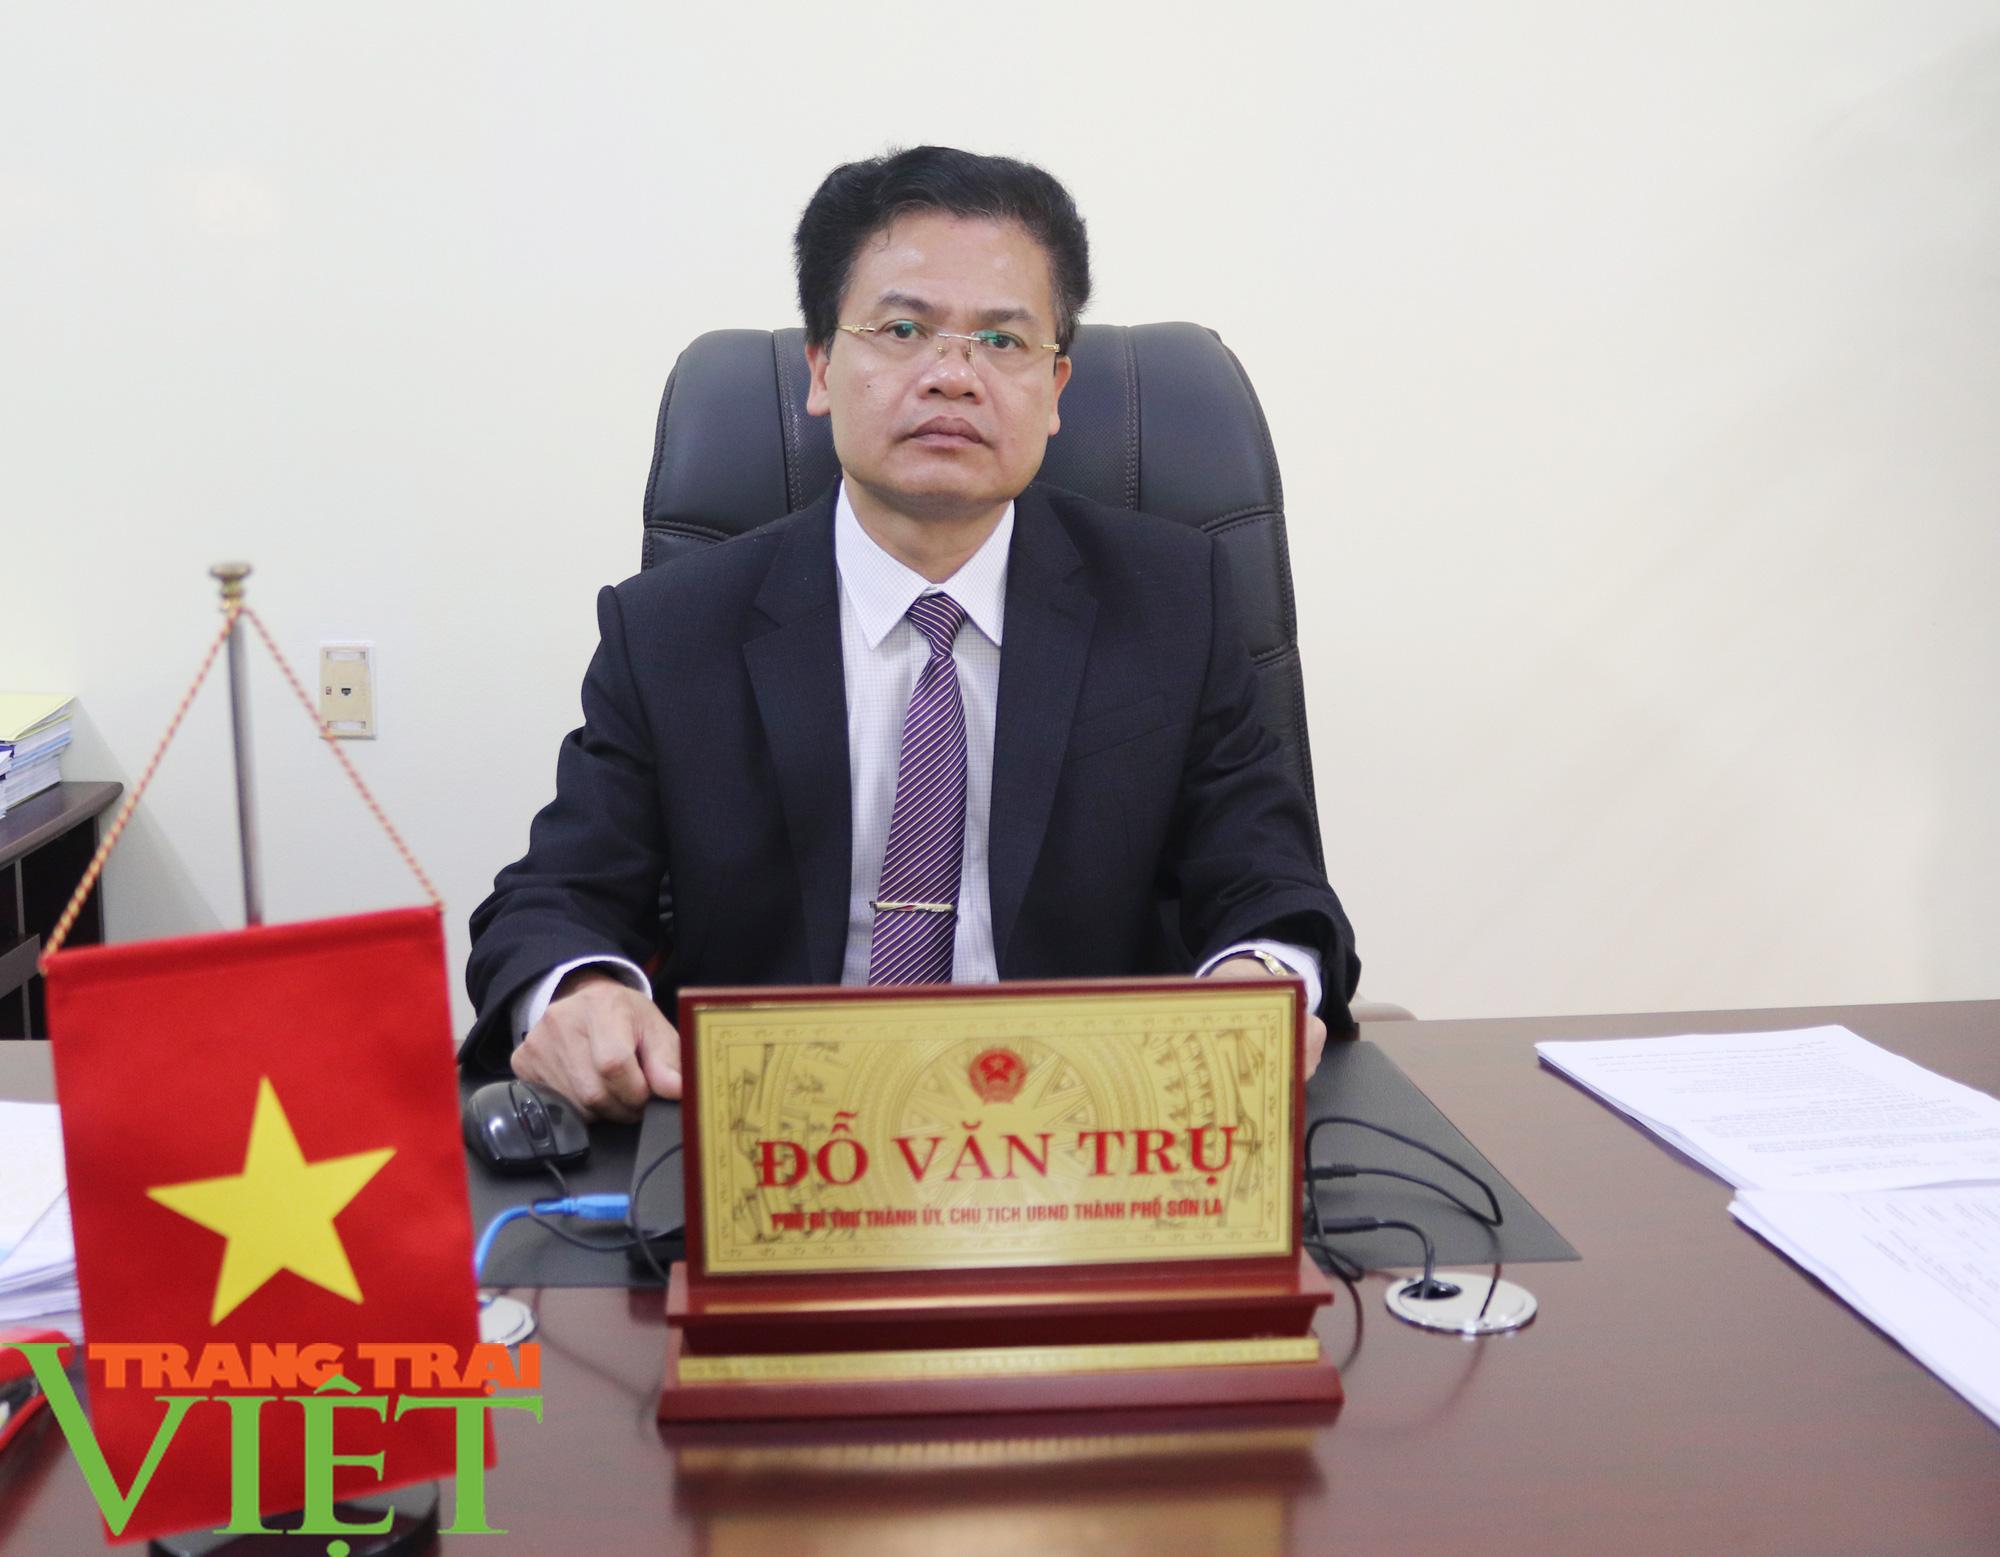 Thành phố Sơn La: Tăng cường các giải pháp phục vụ nhân dân đón tết Tân Sửu - Ảnh 1.